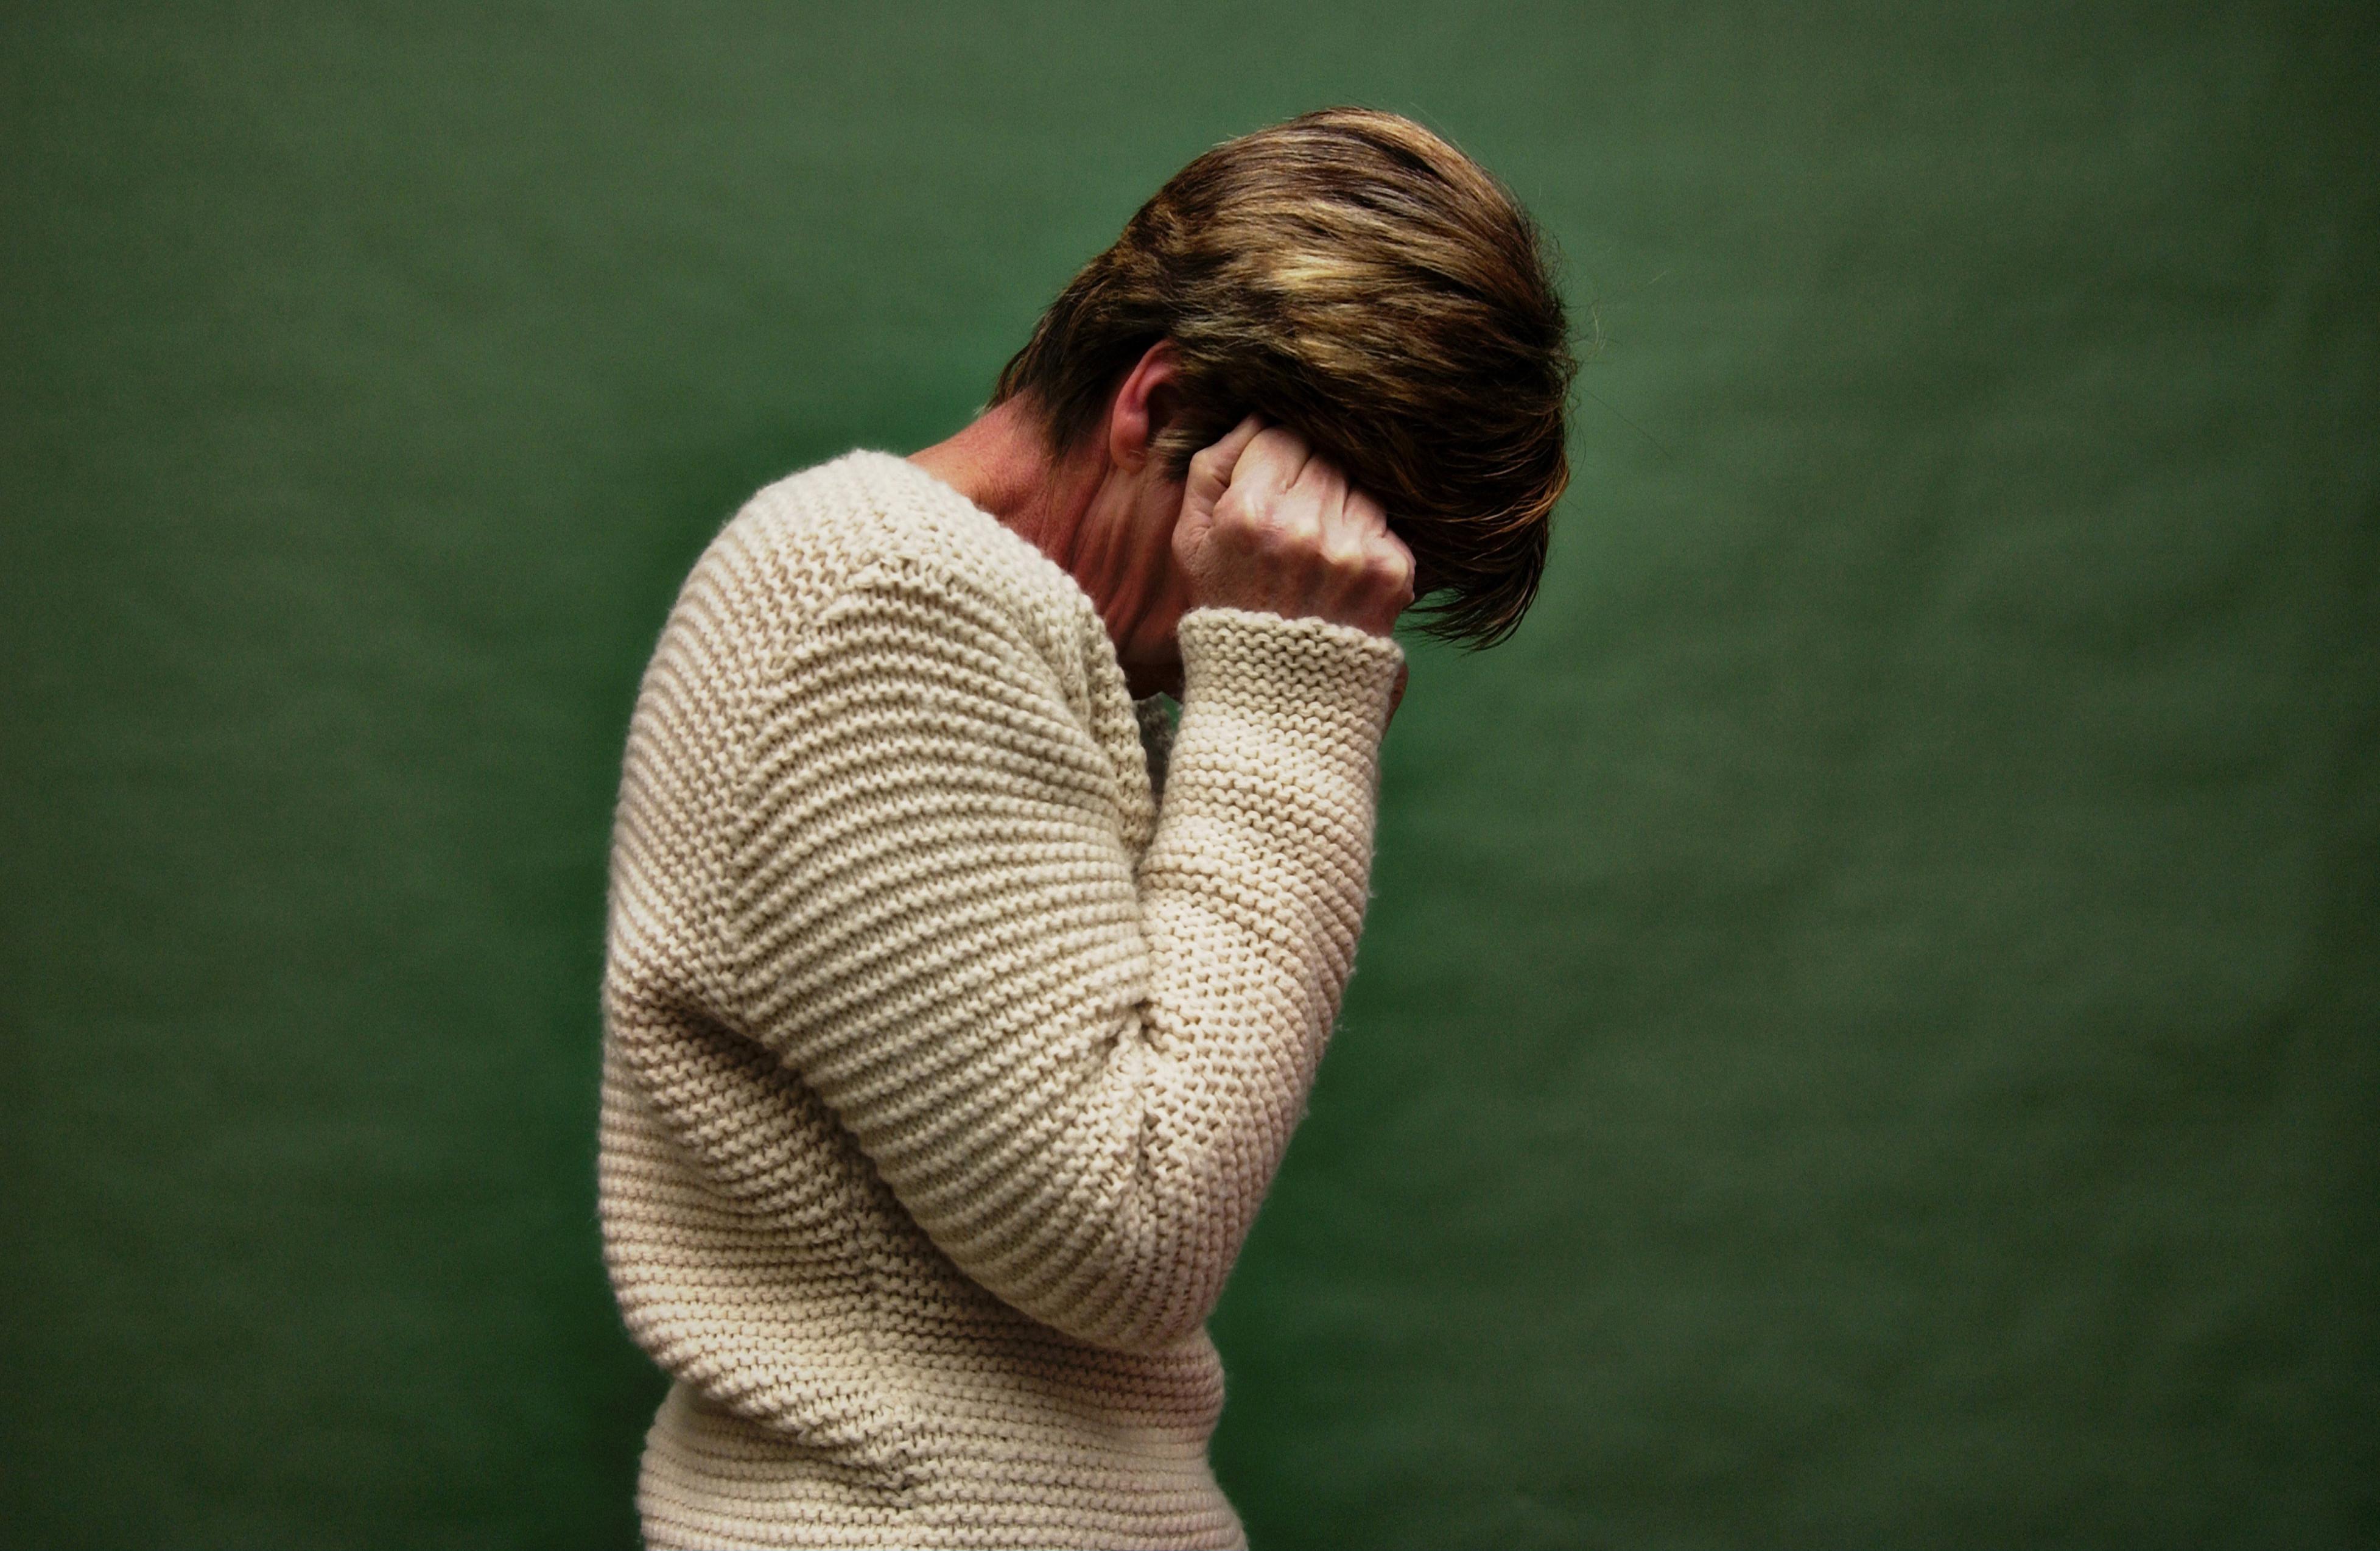 Симптомы при биполярном расстройстве часто схожи с депрессией: постоянно сниженное настроение, ощущение бесцельности жизни, мысли о суициде